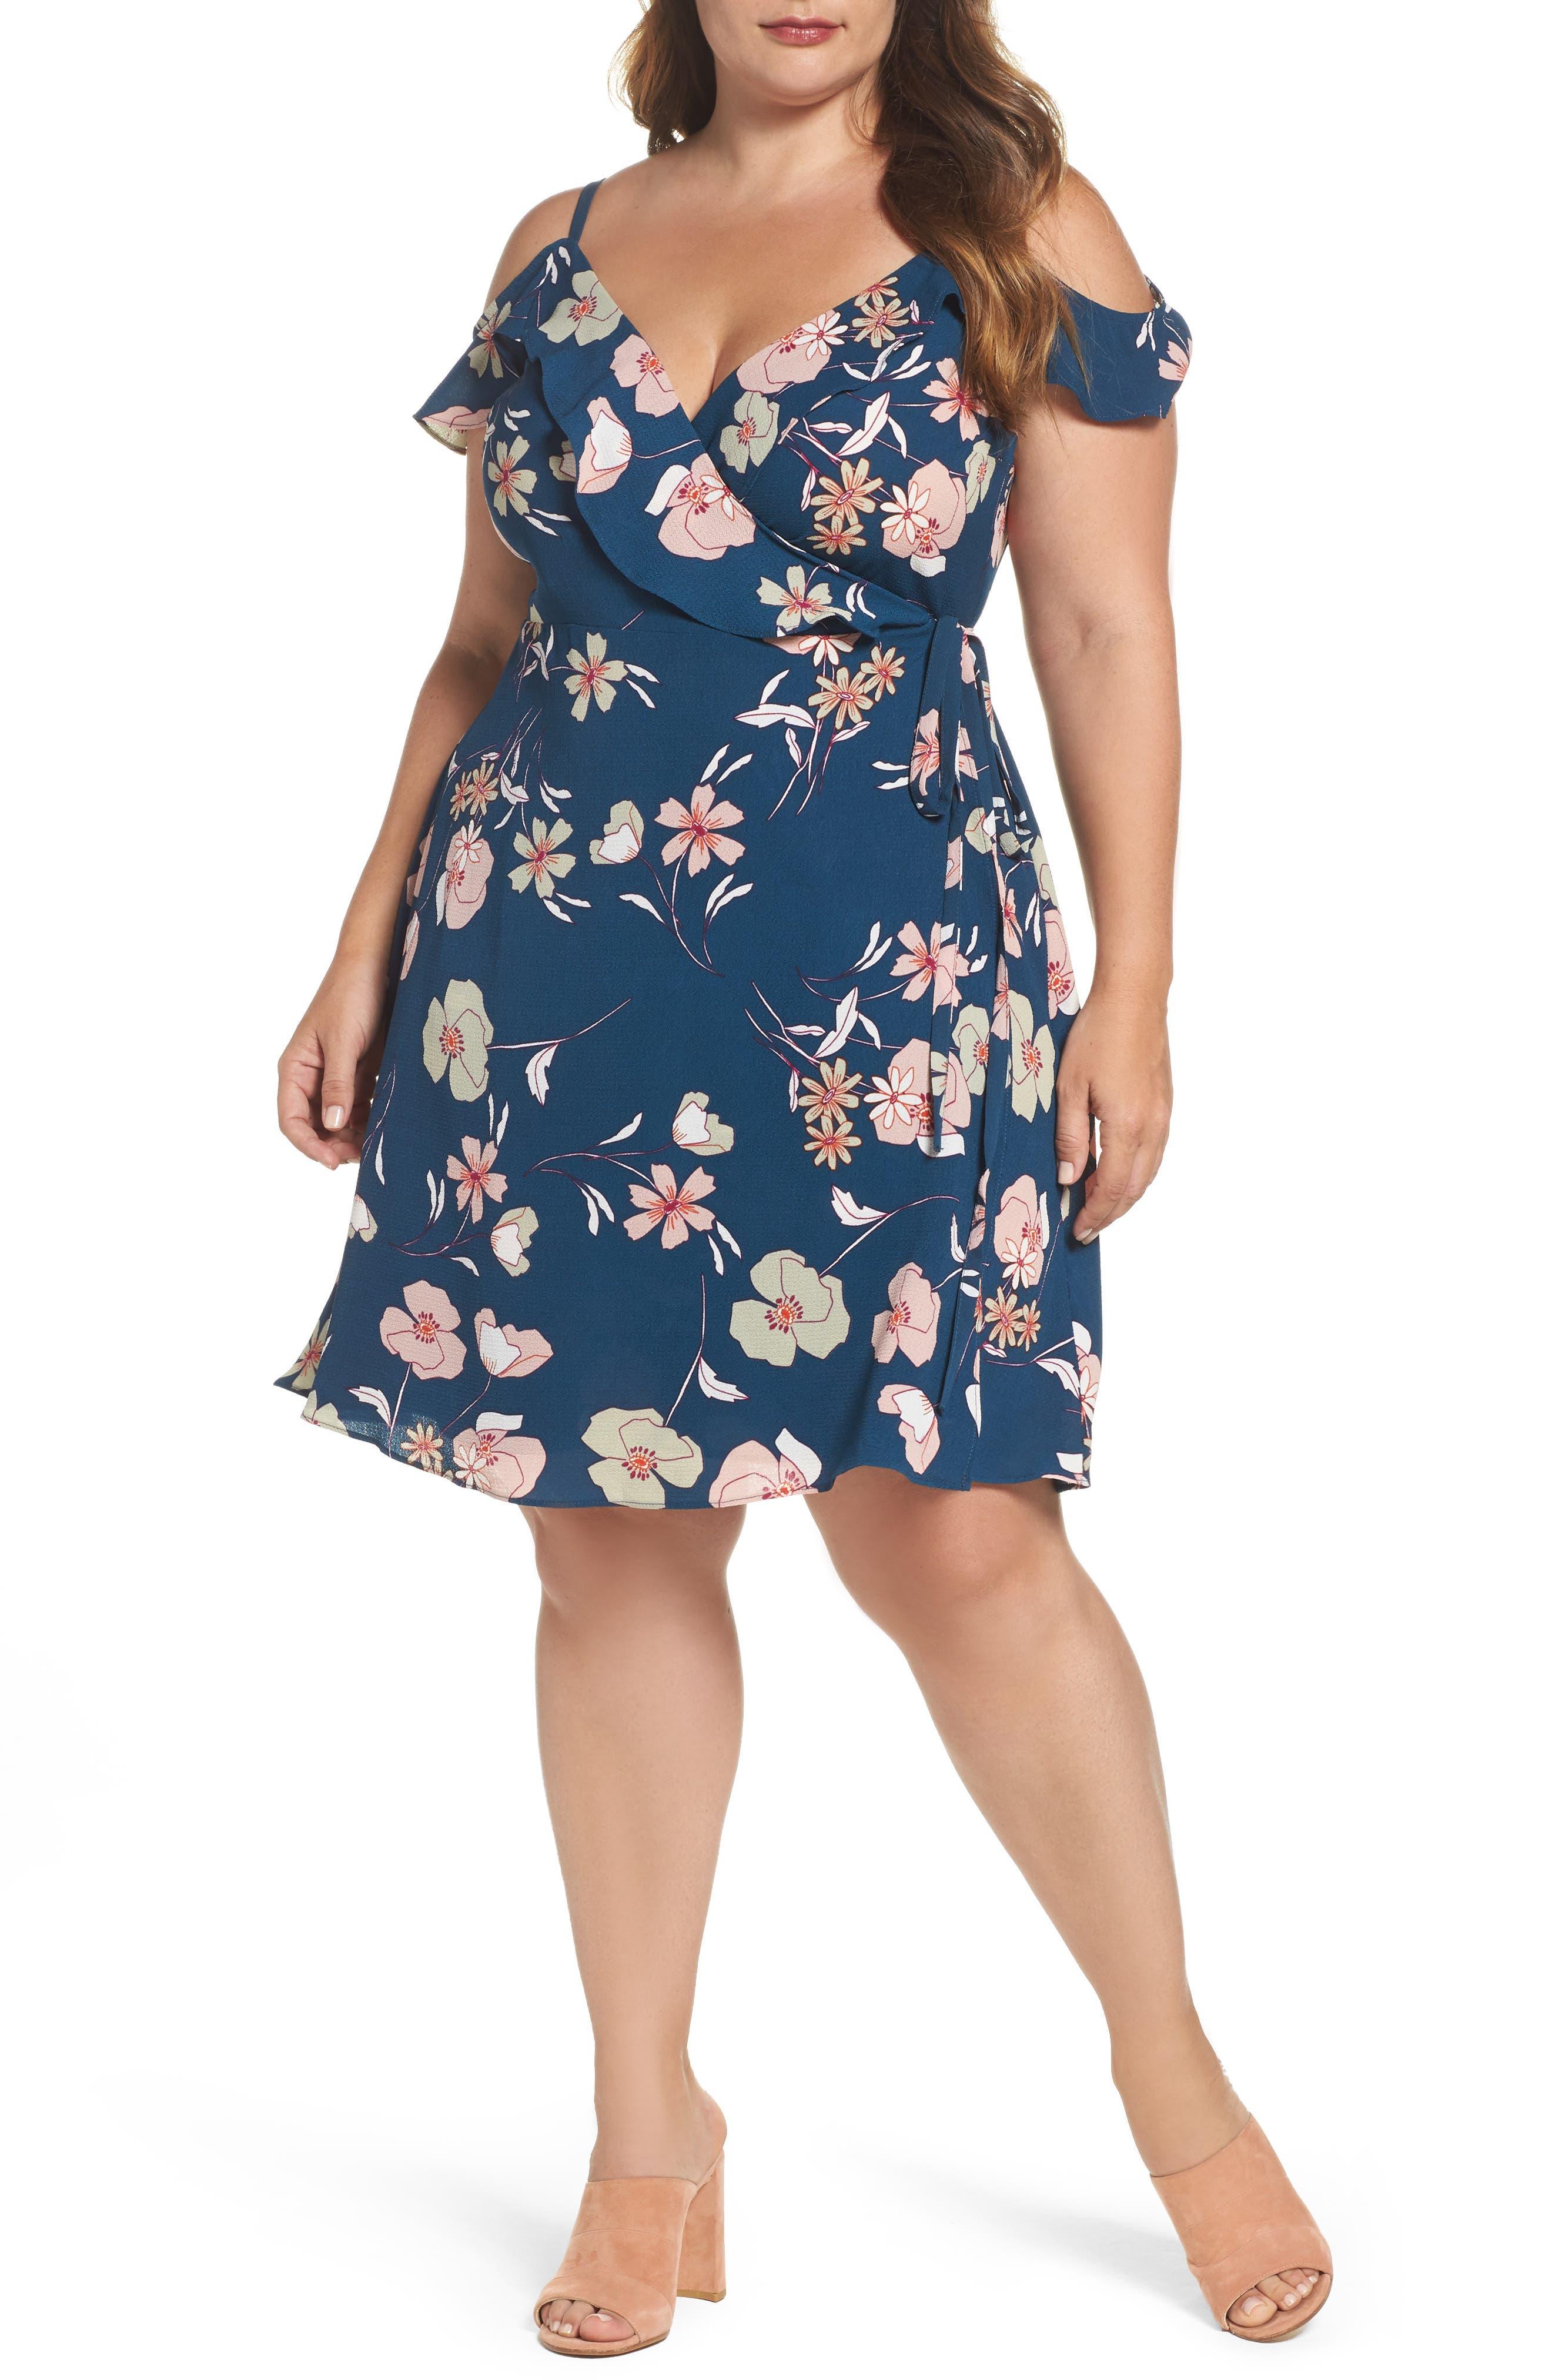 Main Image - City Chic Lulu Floral Wrap Dress (Plus Size)